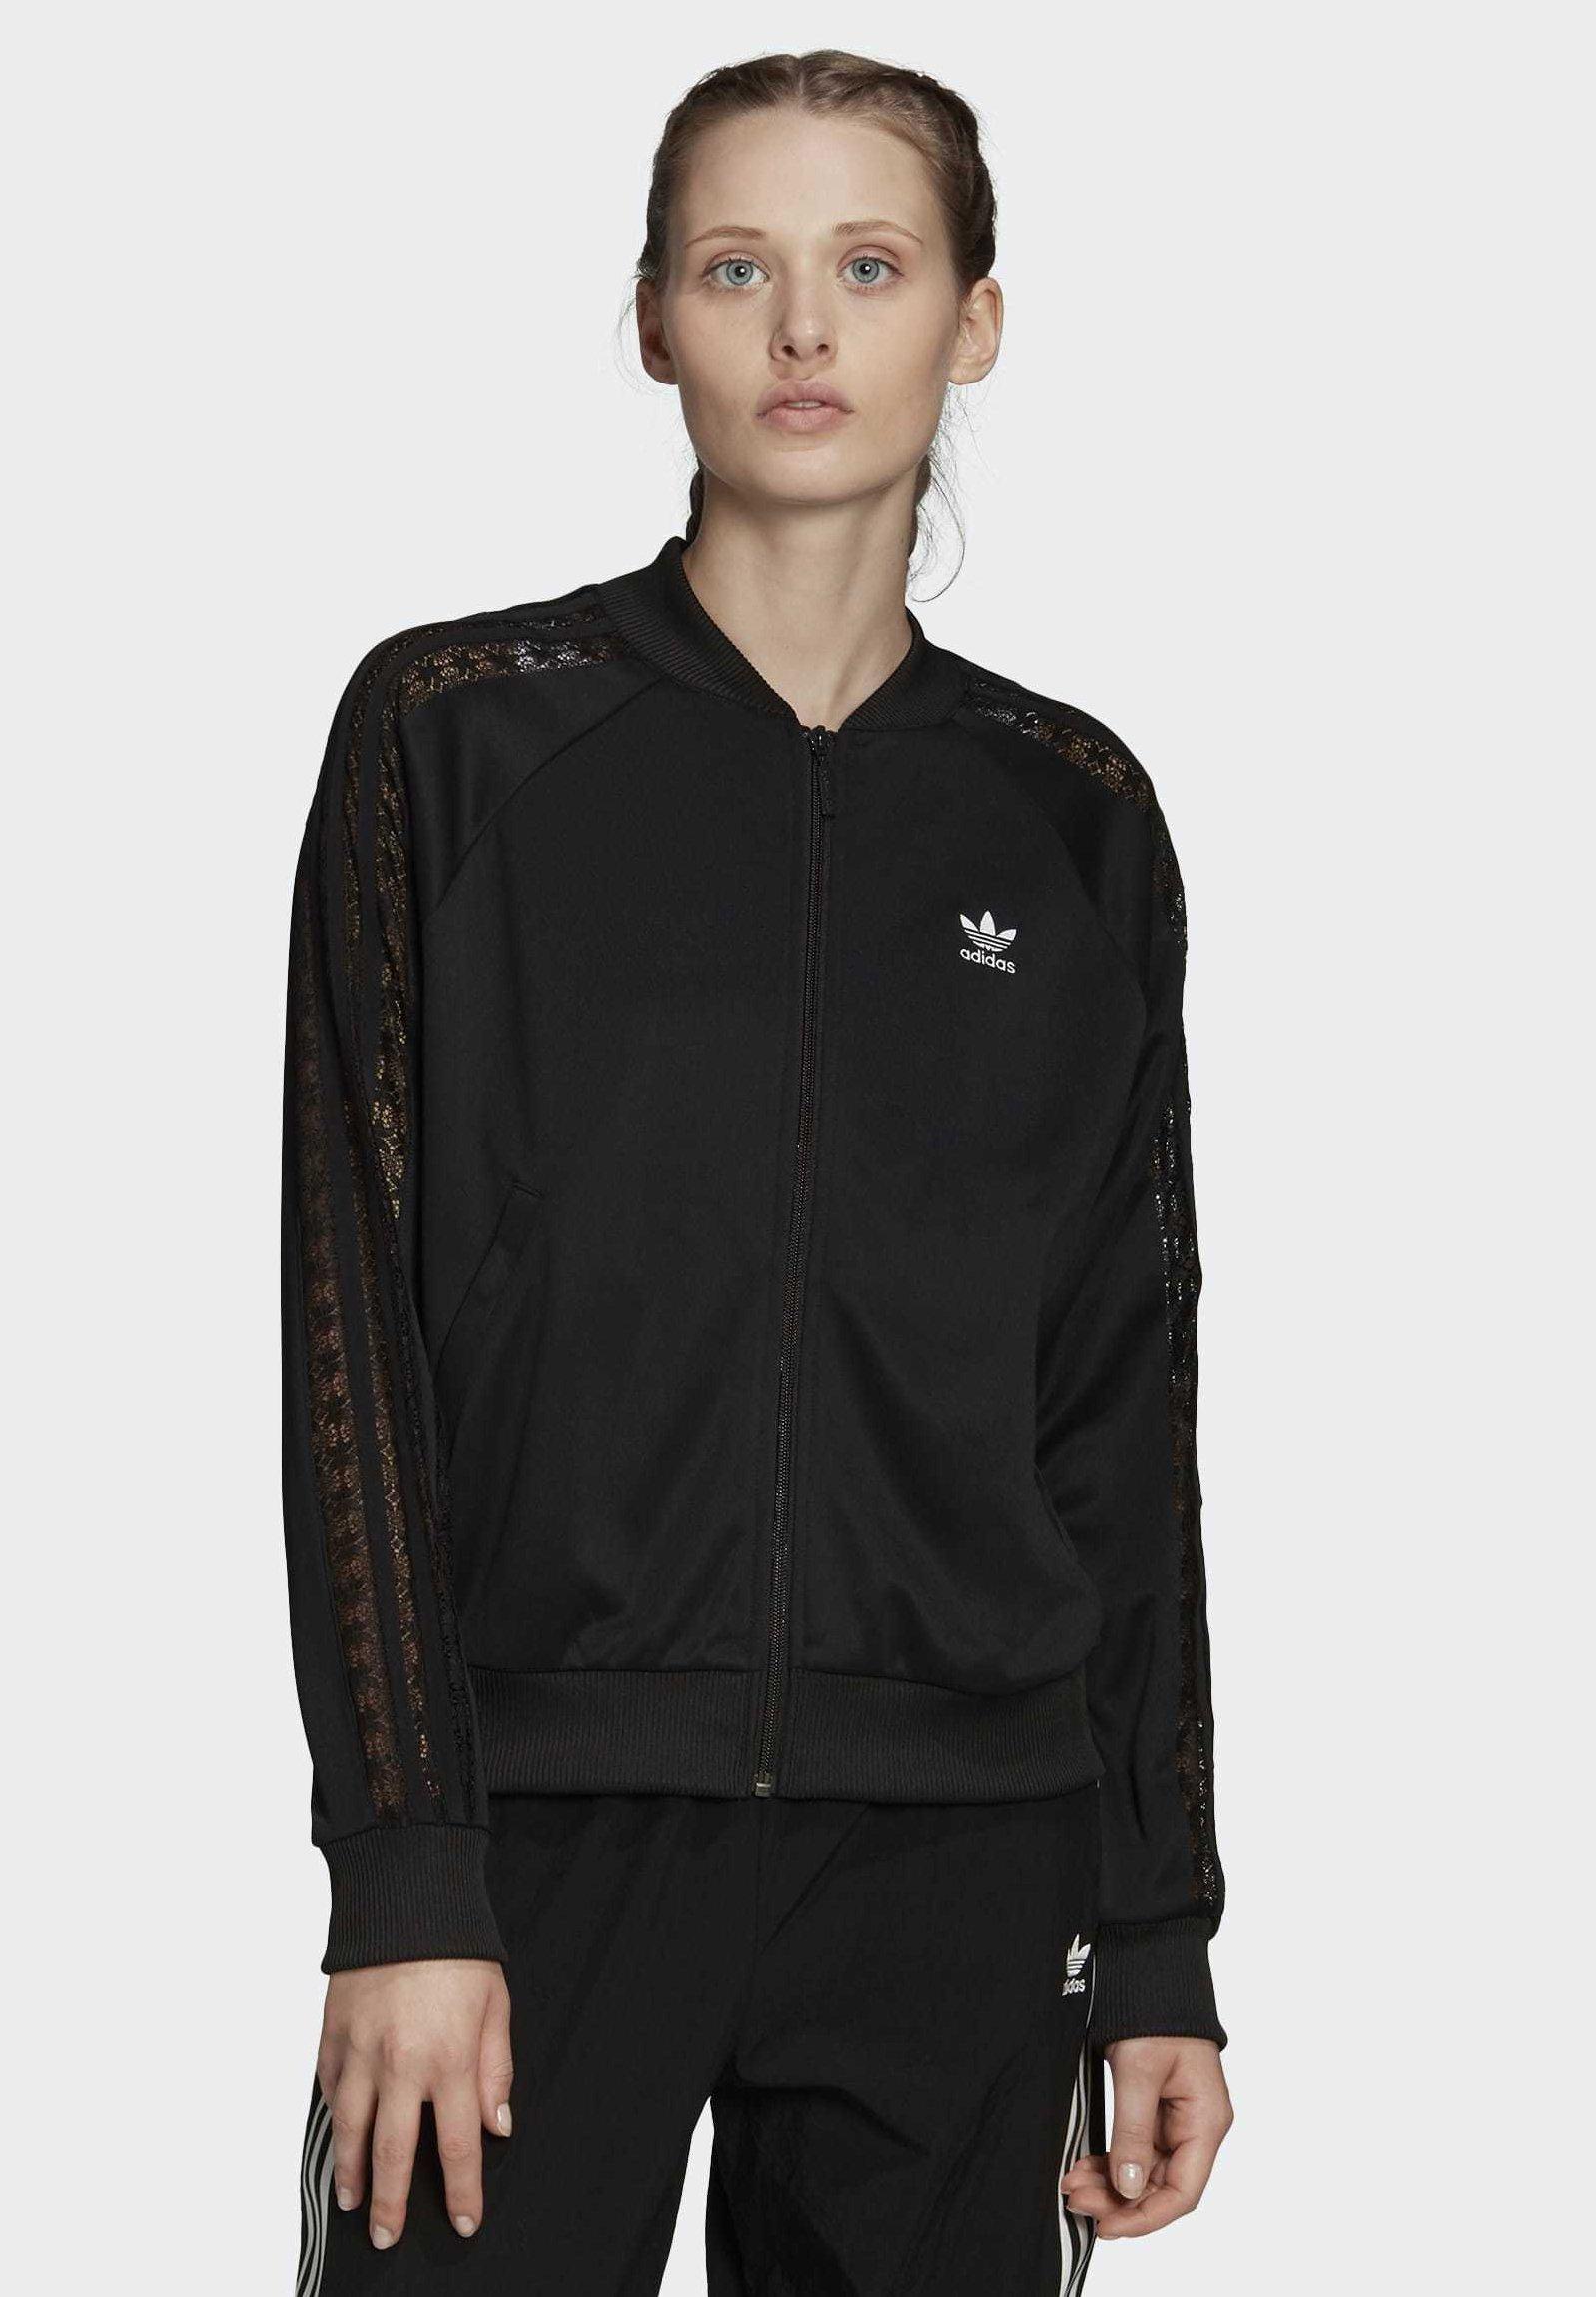 Adidas Bomberjacke Damen black im Online Shop von